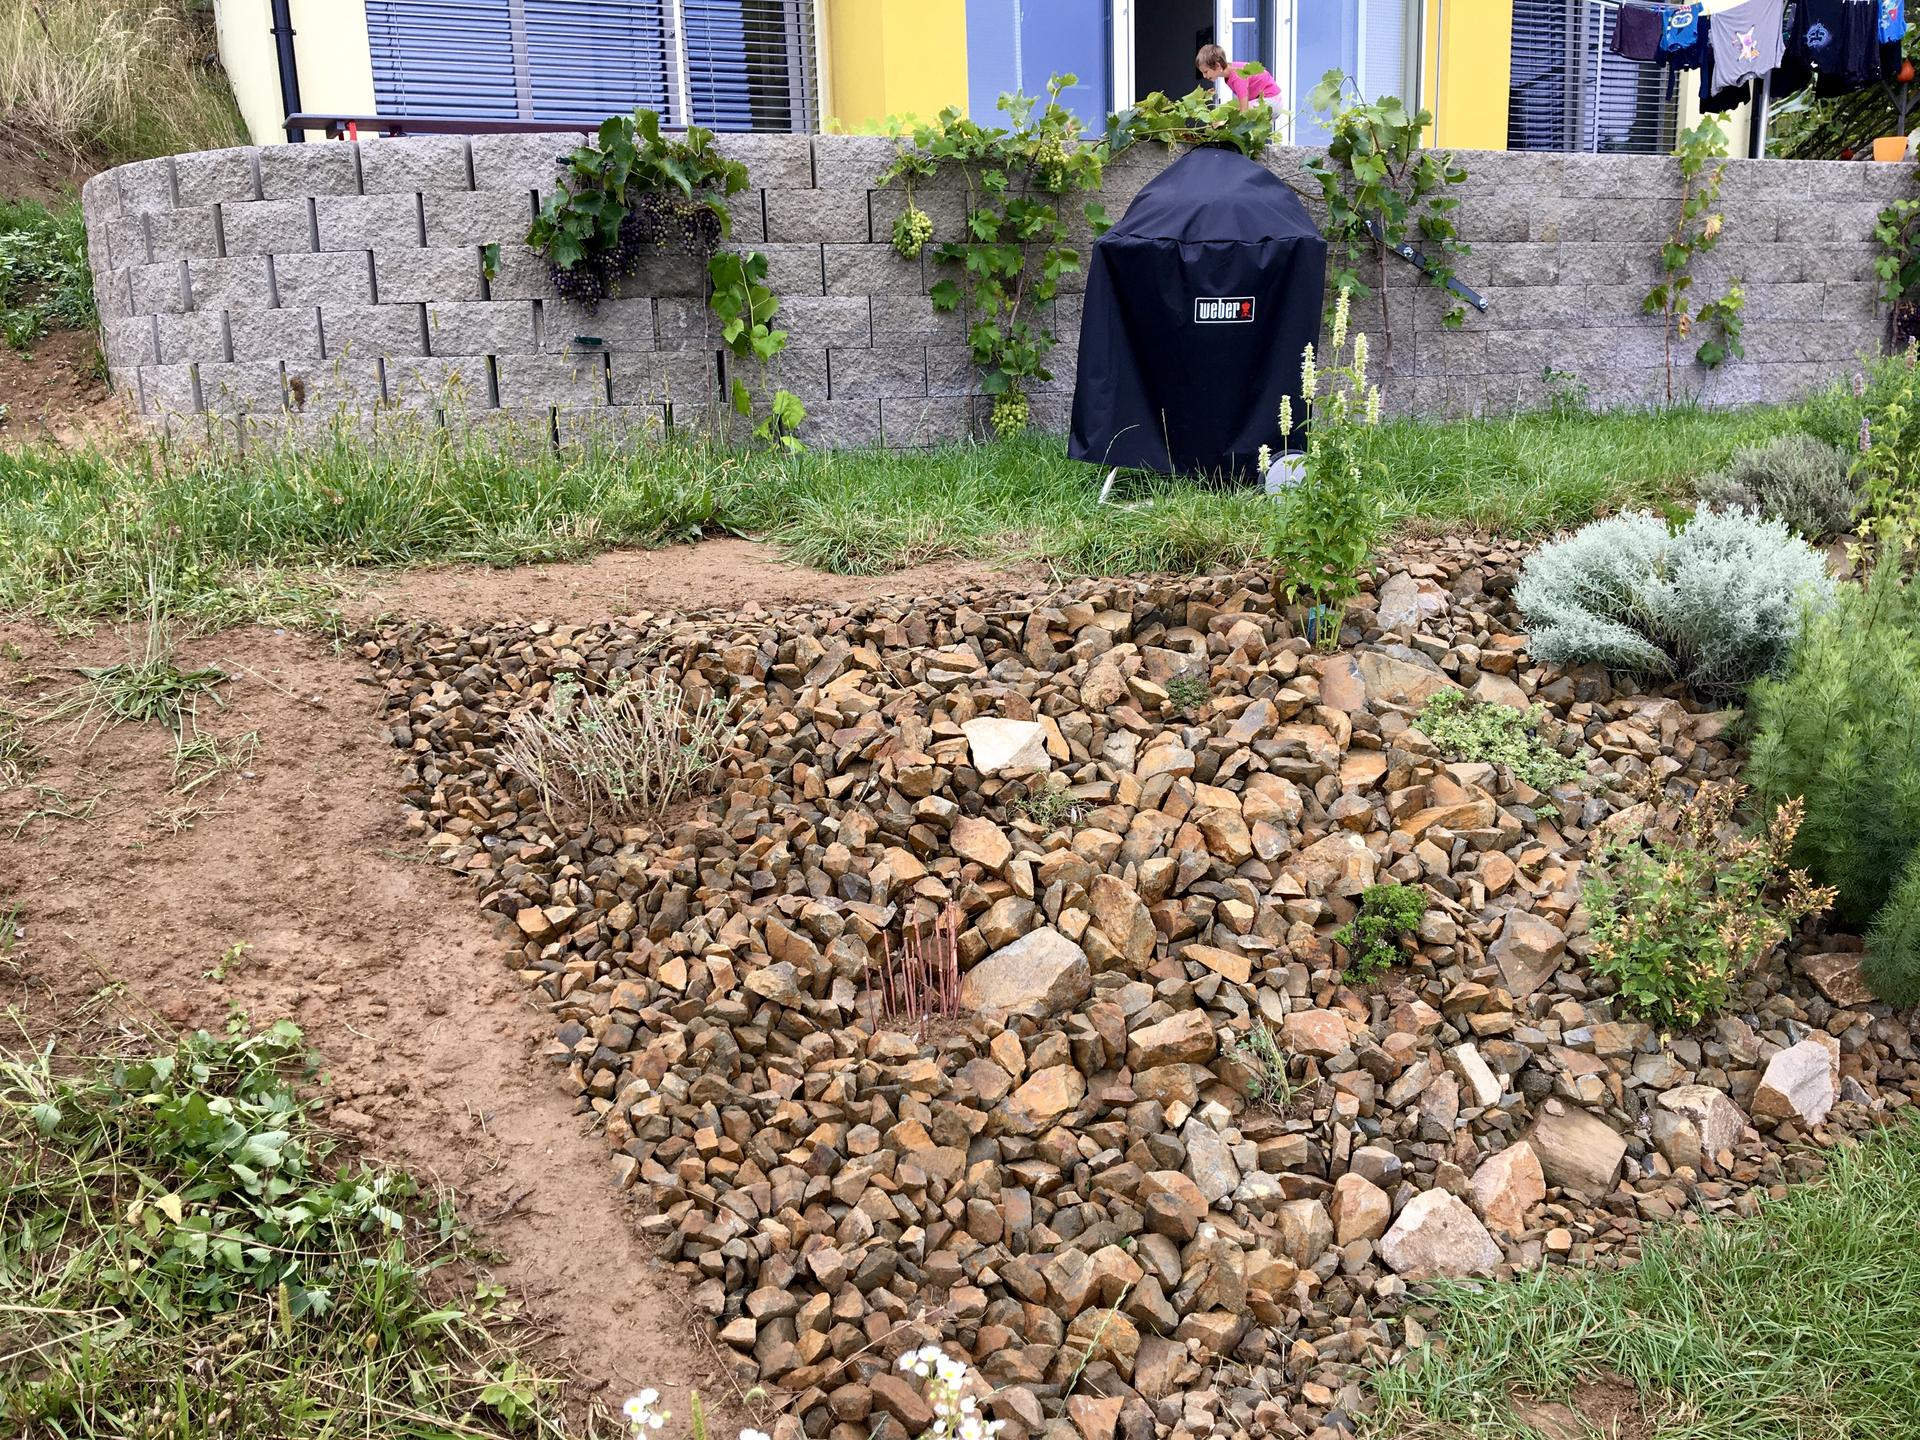 Fáze druhá ... zahrada - Srpen 2020 - konečně jsem dokončila bylinkovou skalku, na okraj jsem přesadila jitrocel a hluchavky